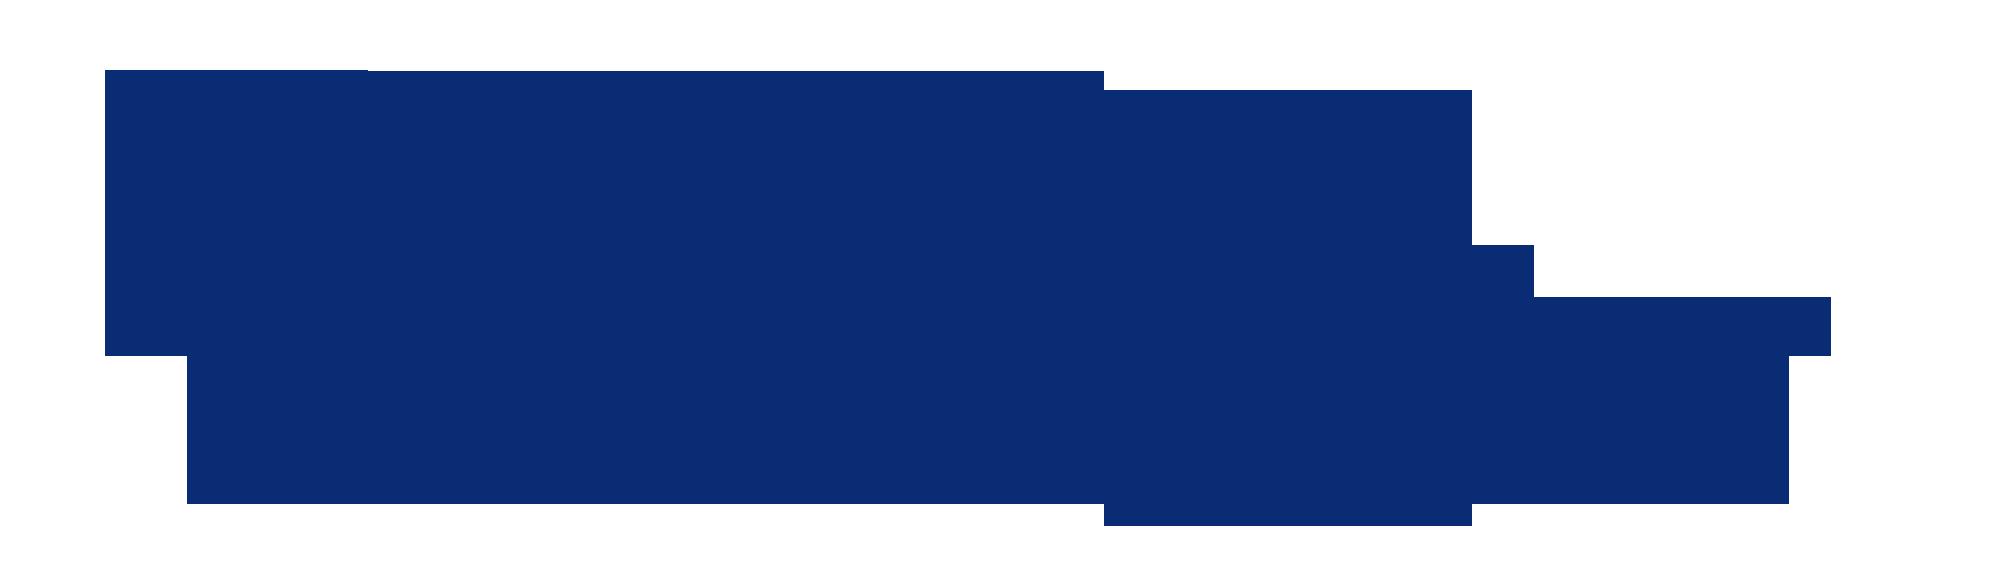 DM meny logo blå